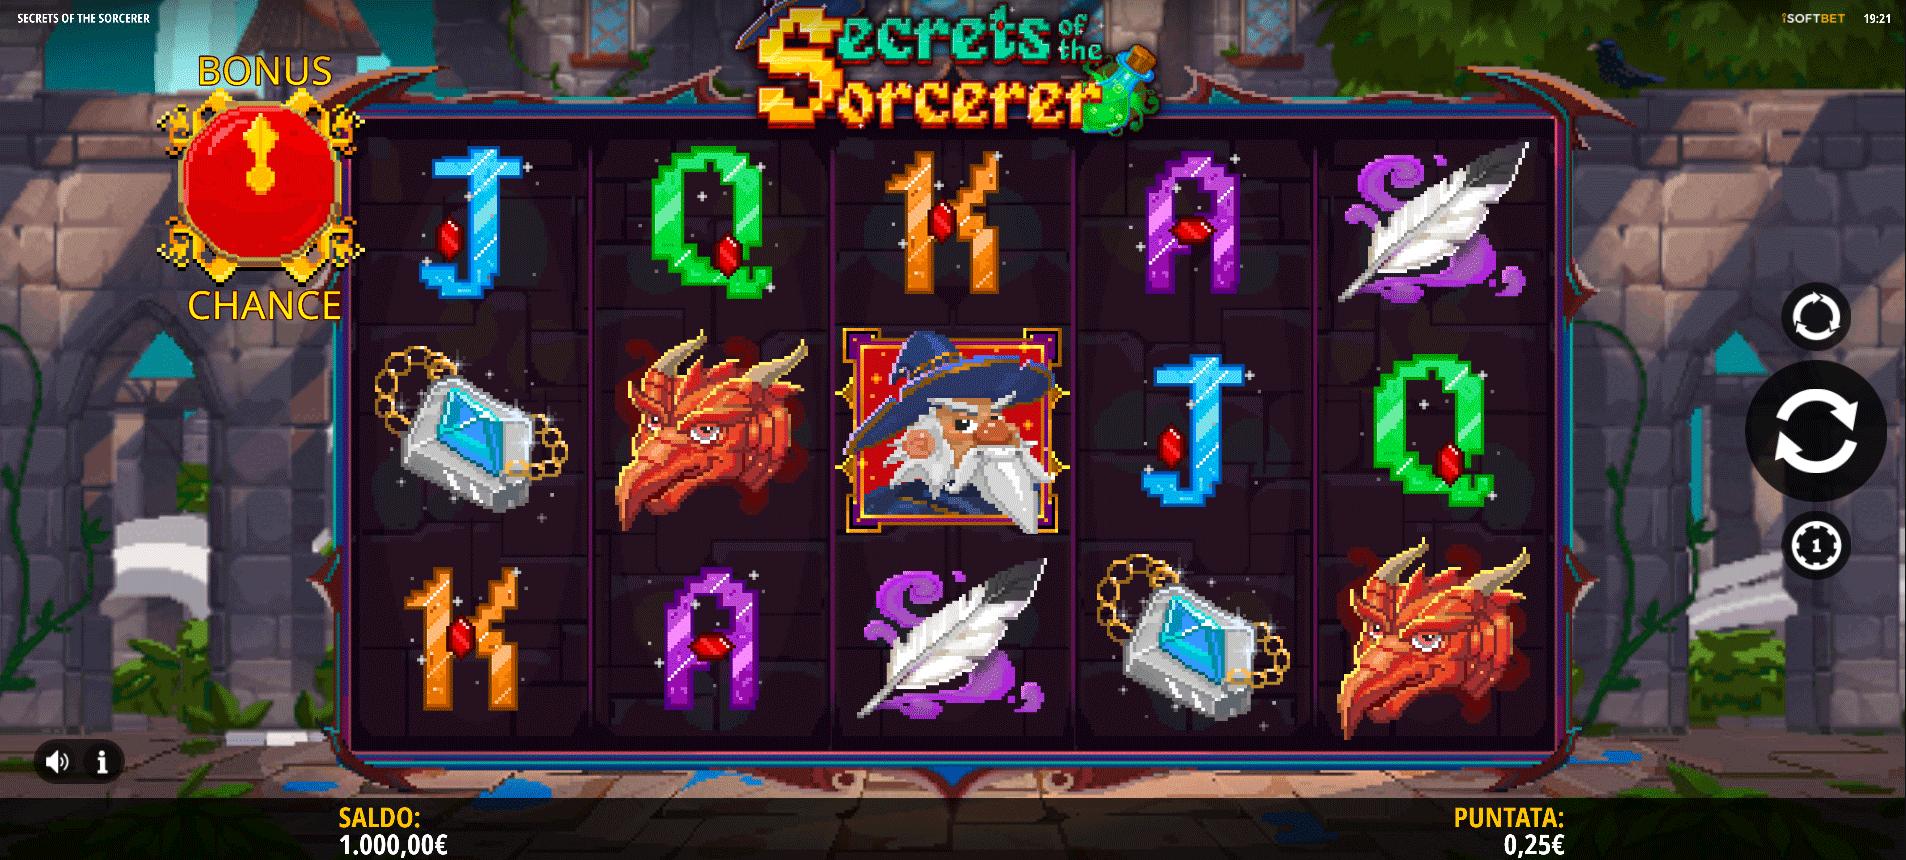 Slot Secrets of the Sorcerer